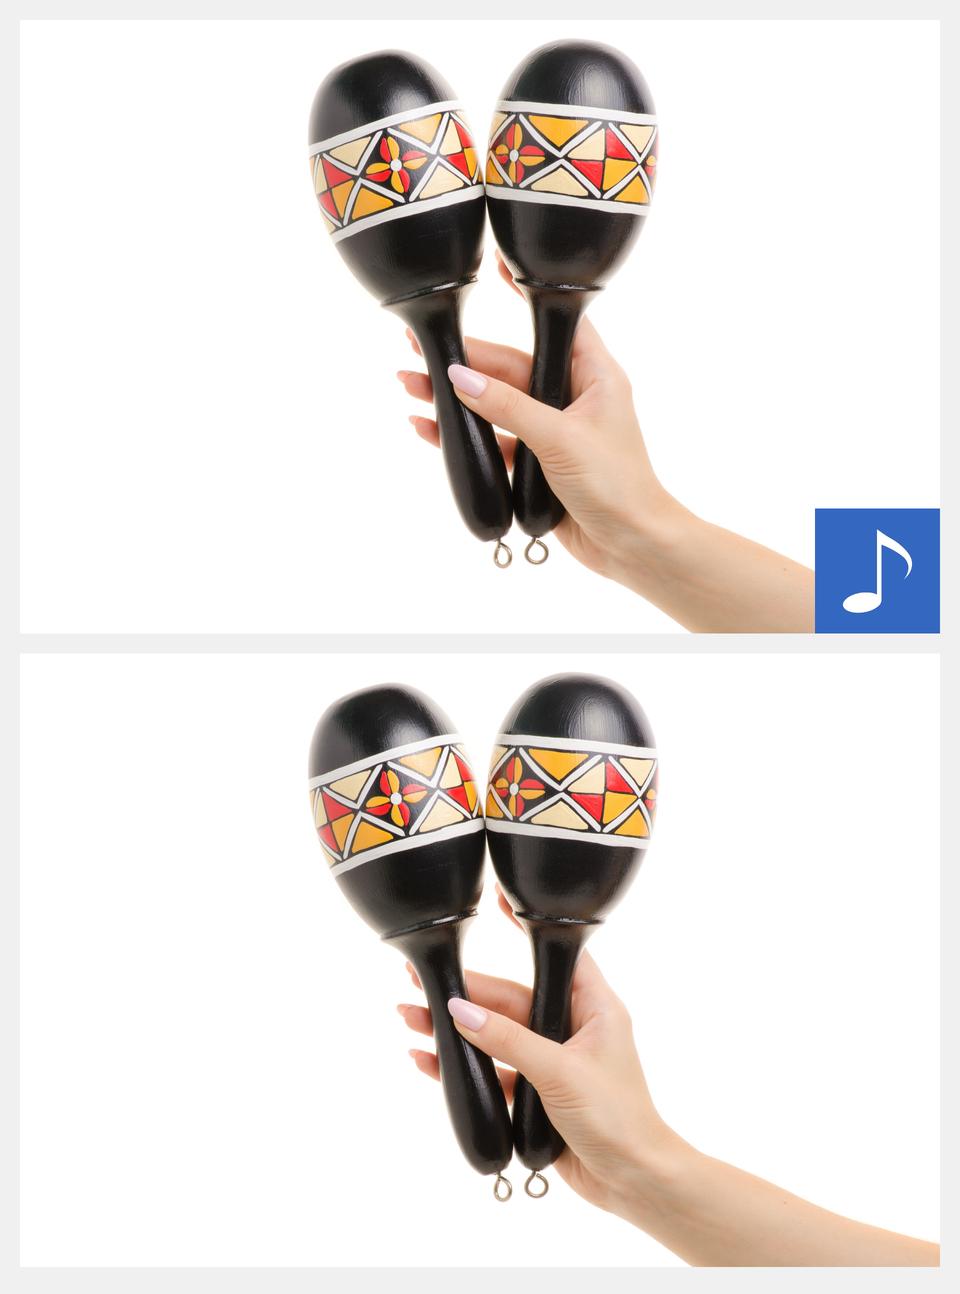 Ilustracja interaktywna przedstawia marakasy. Zwyglądu przypominają jajka zprzymocowanym do nich uchwytem. Są one koloru czarnego, zkolorowym wzorem na bokach. Są trzymane wdłoni. Po kliknięciu na ilustrację zostanie wyświetlona informacja dodatkowa, oraz odtworzony dźwięk tego instrumentu.